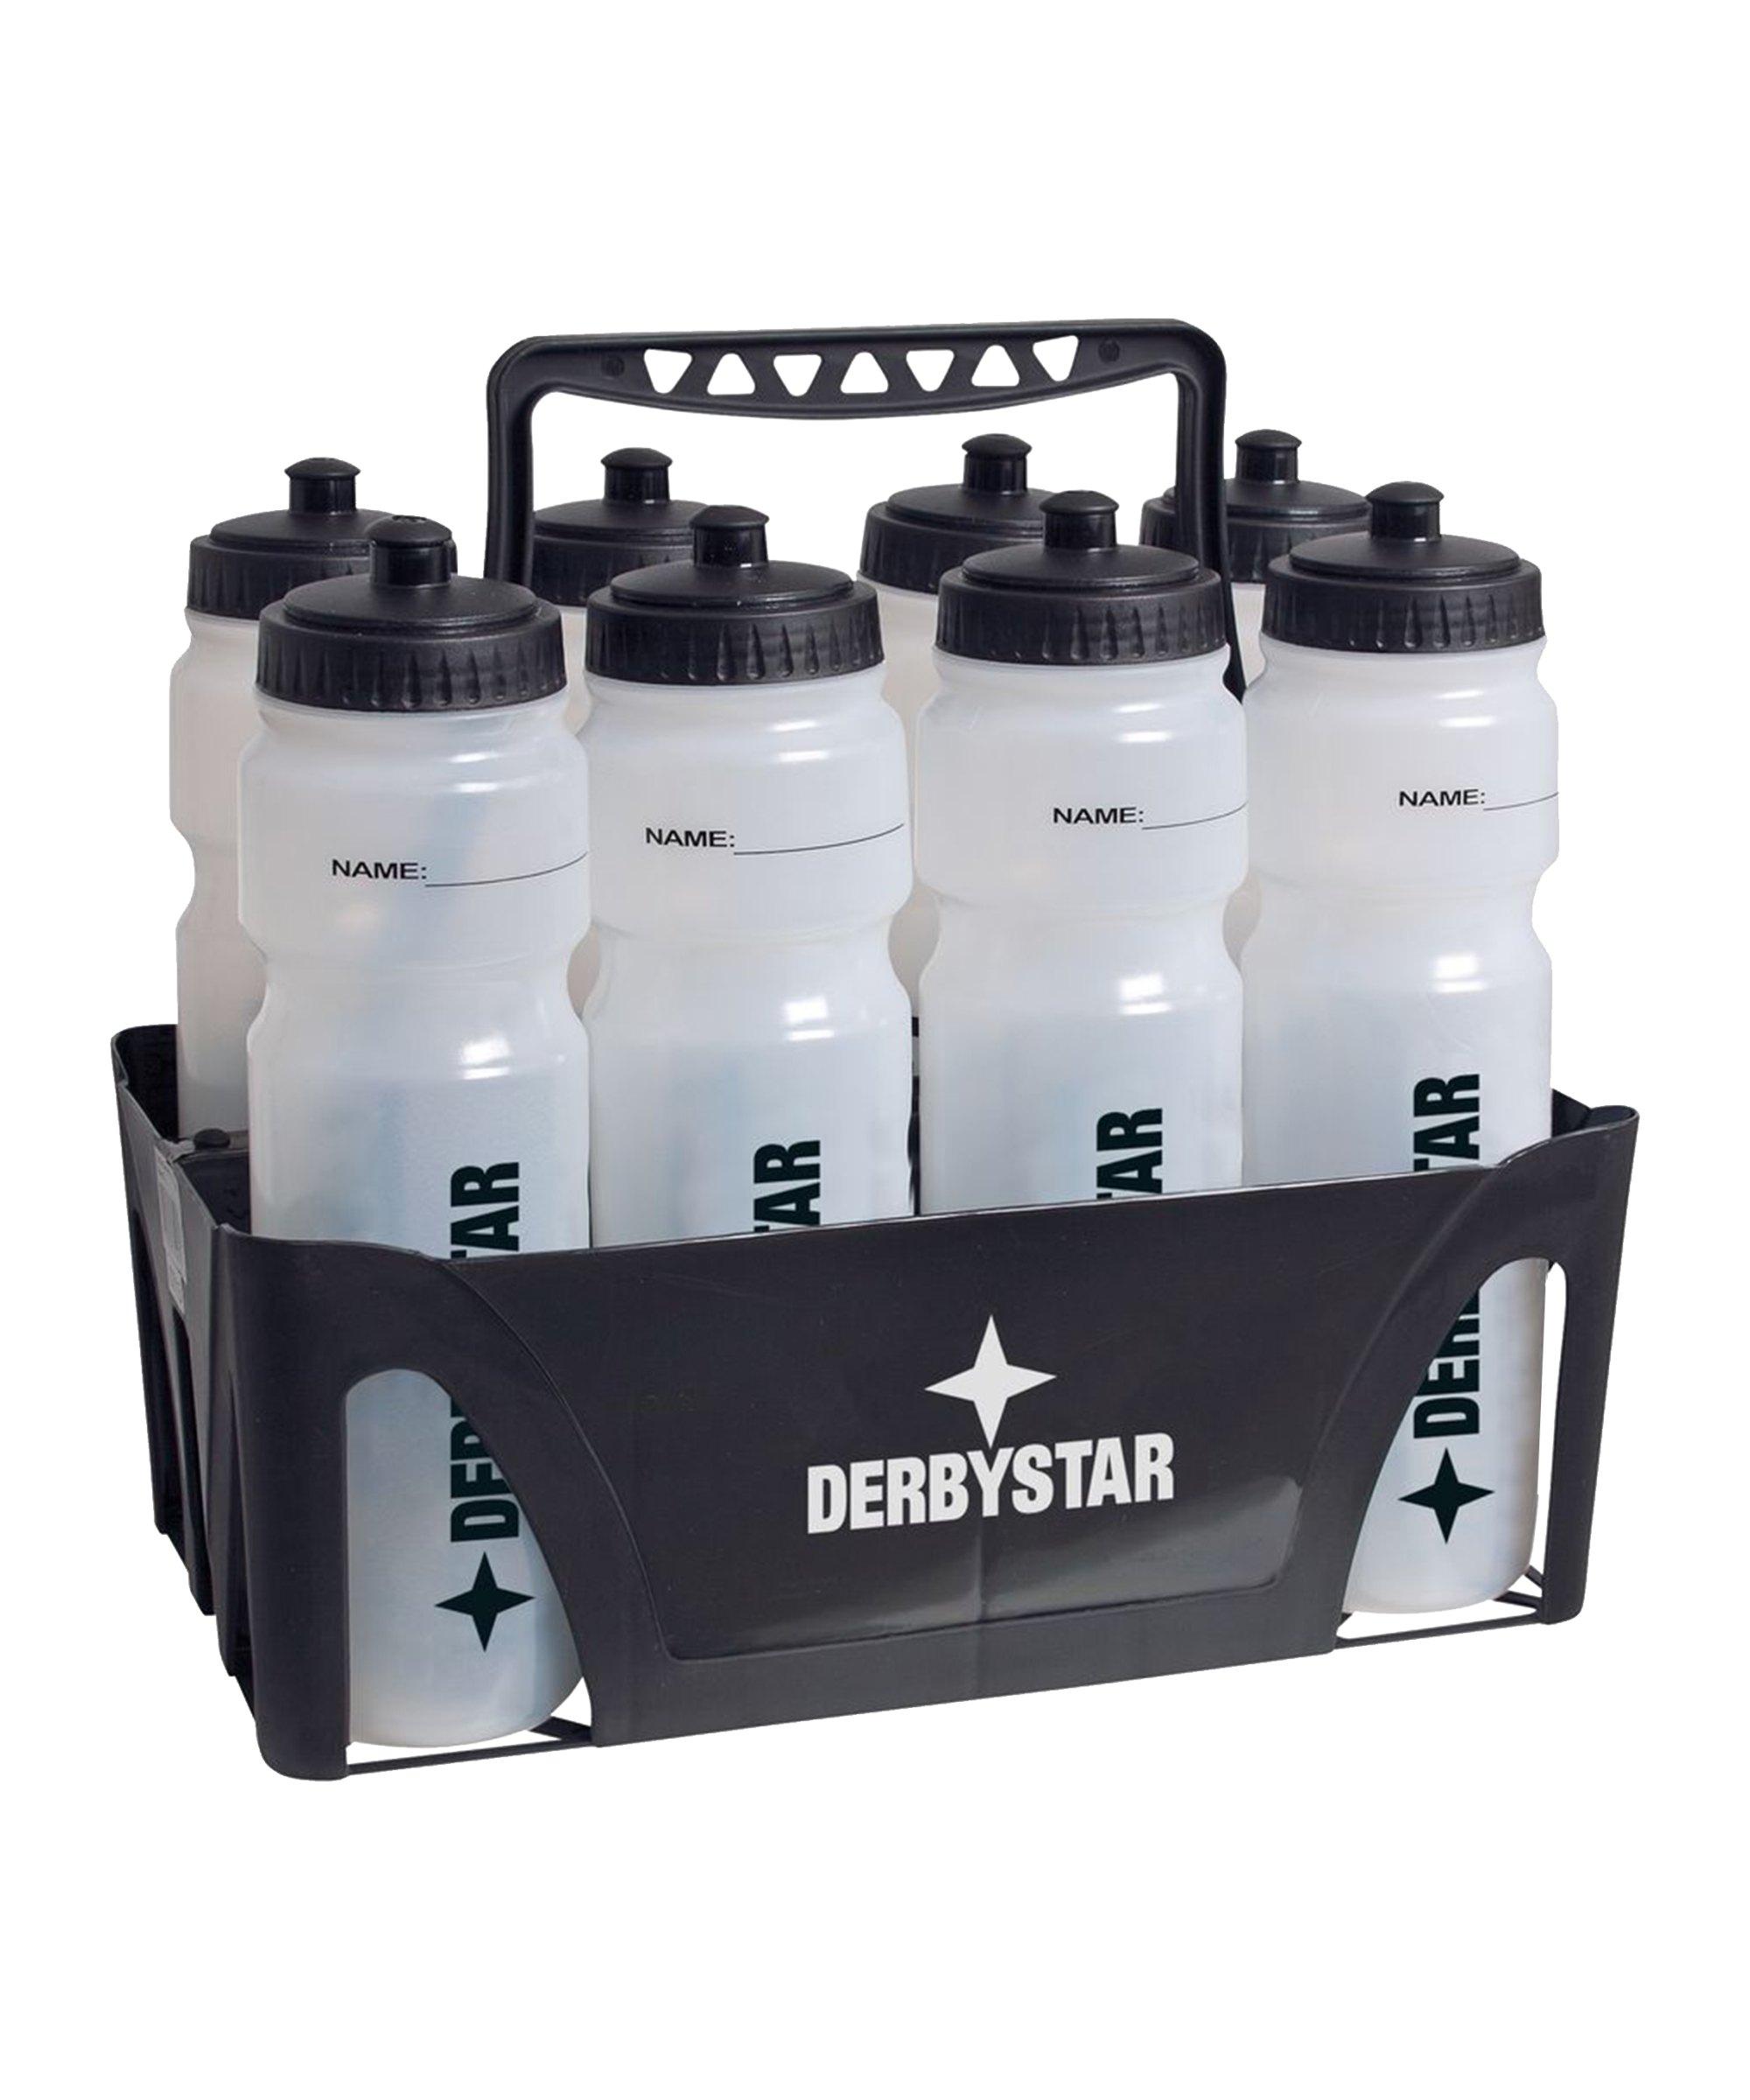 Derbystar Trinkflaschenhalter für 8 Flaschen F000 - schwarz